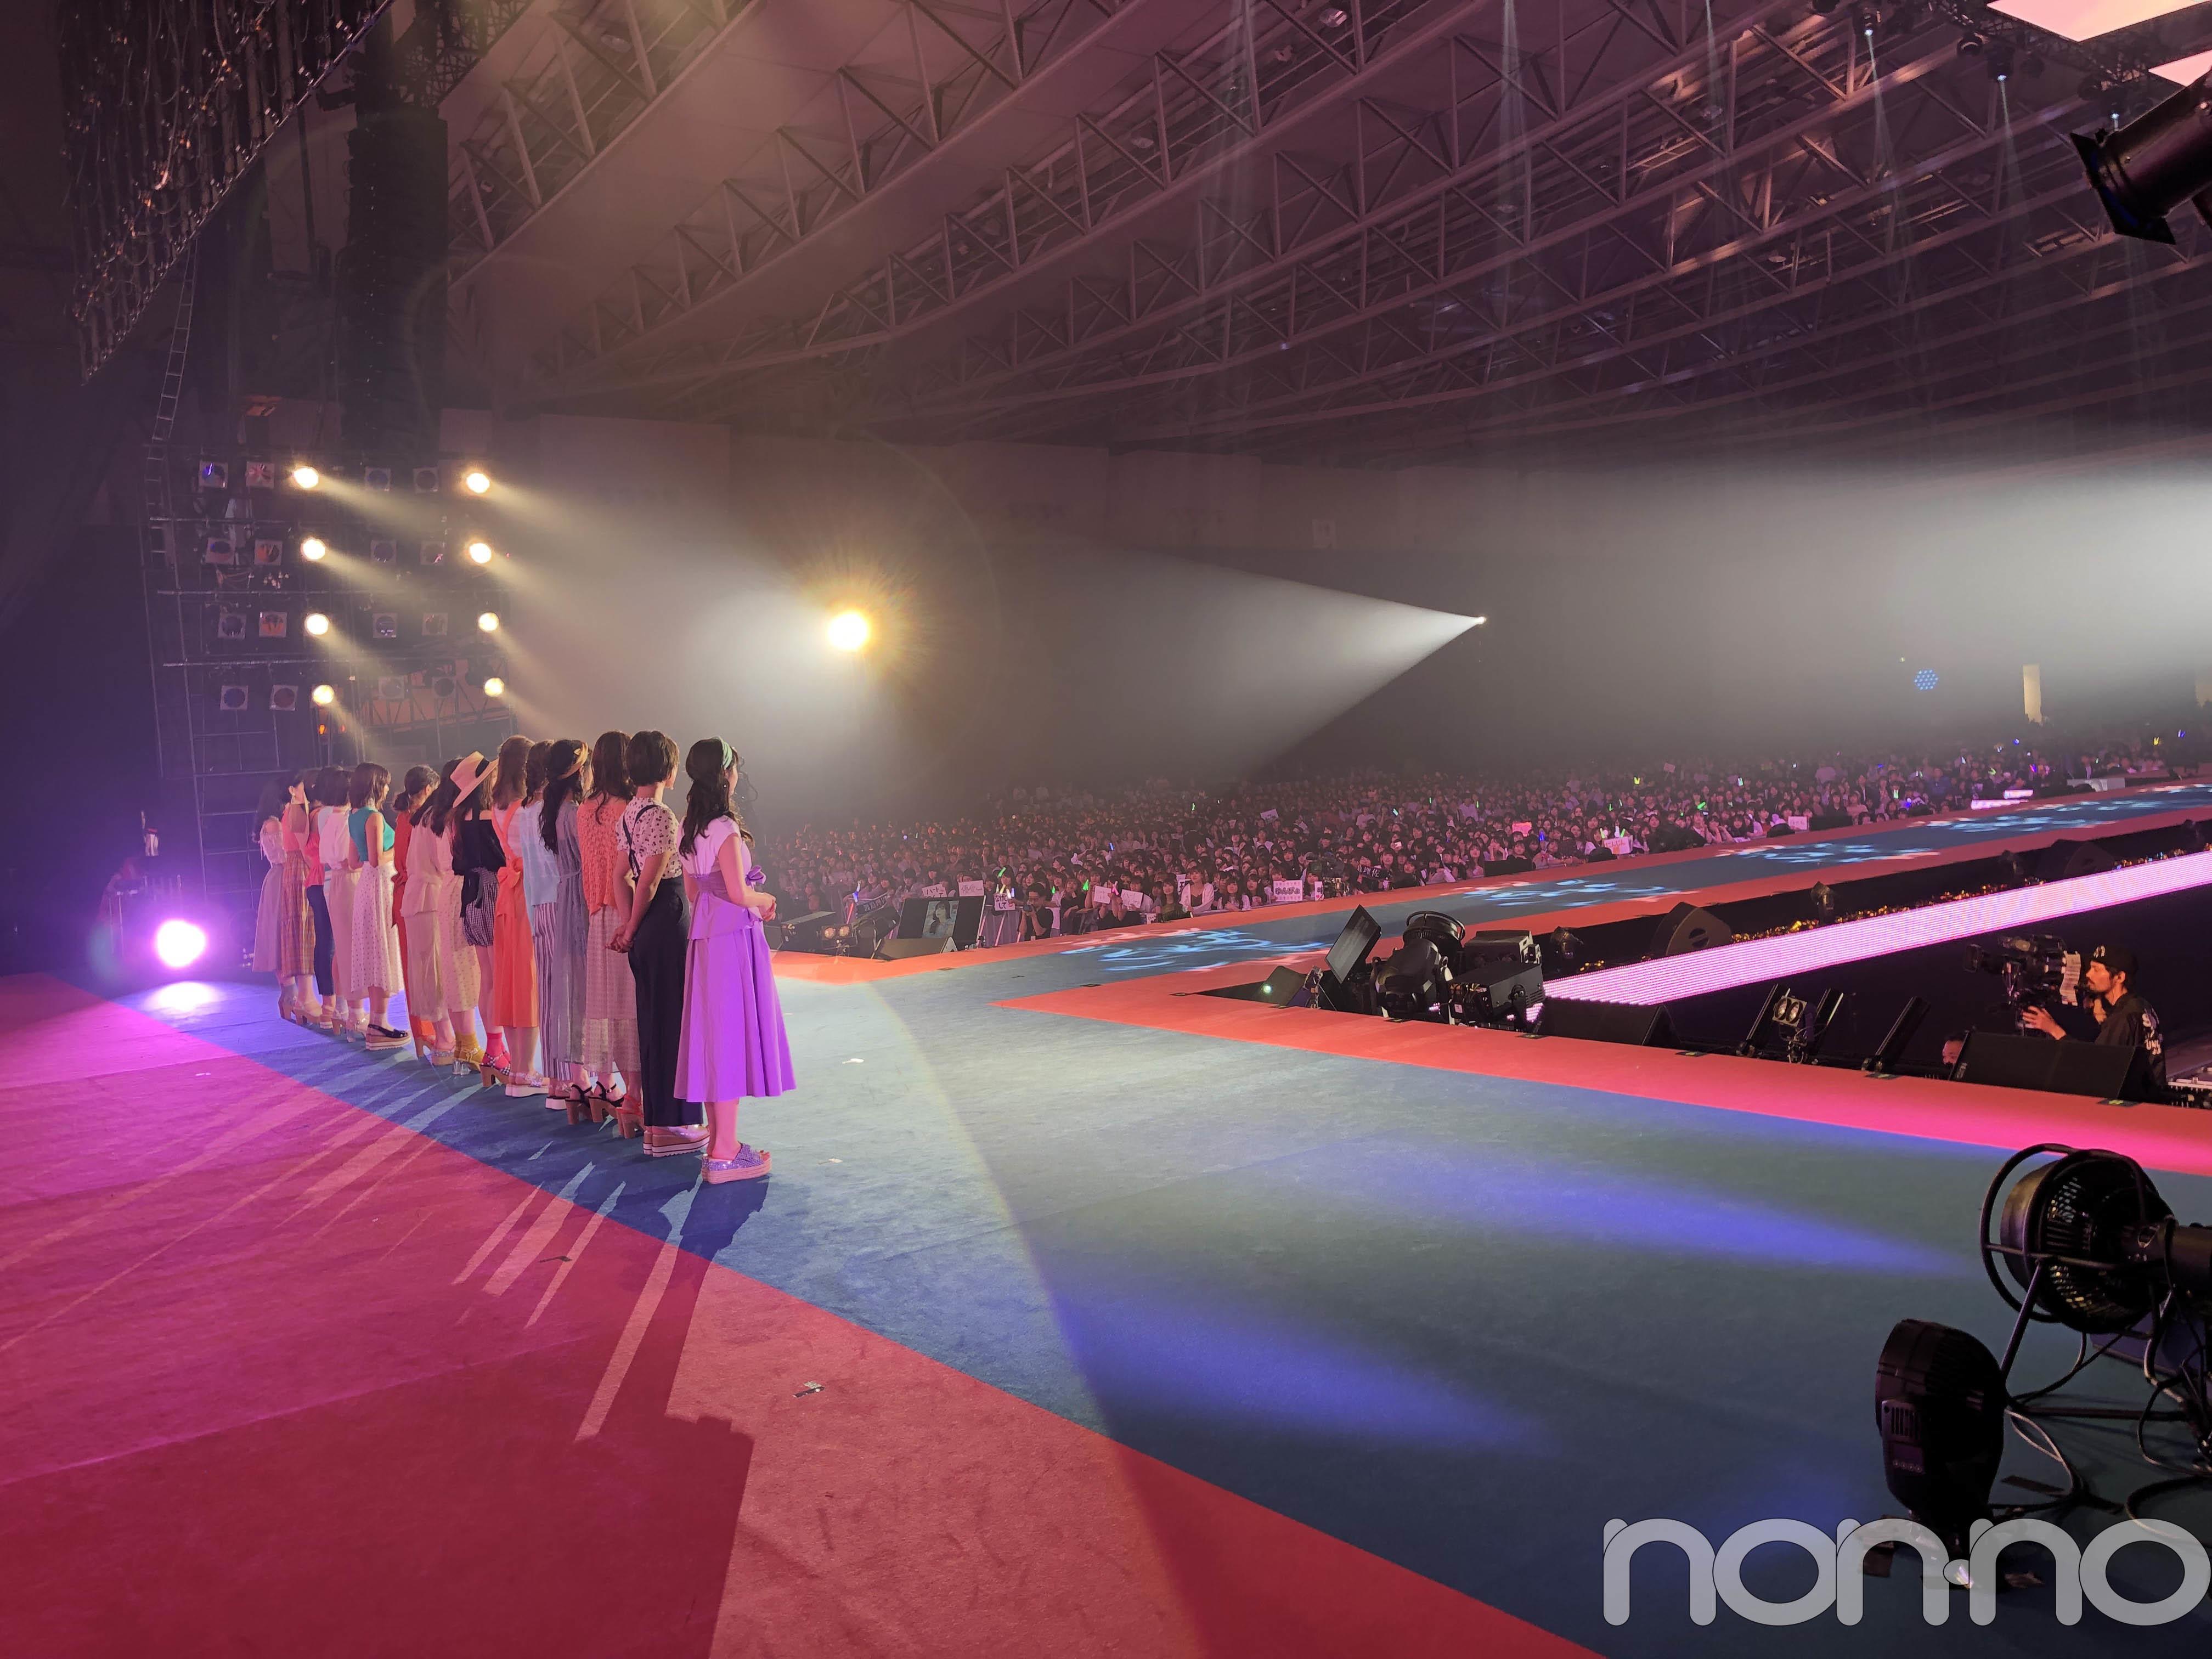 【WEB限定!】『ガールズアワード2019ss』non-noステージの舞台裏オフショット公開♡_1_2-10